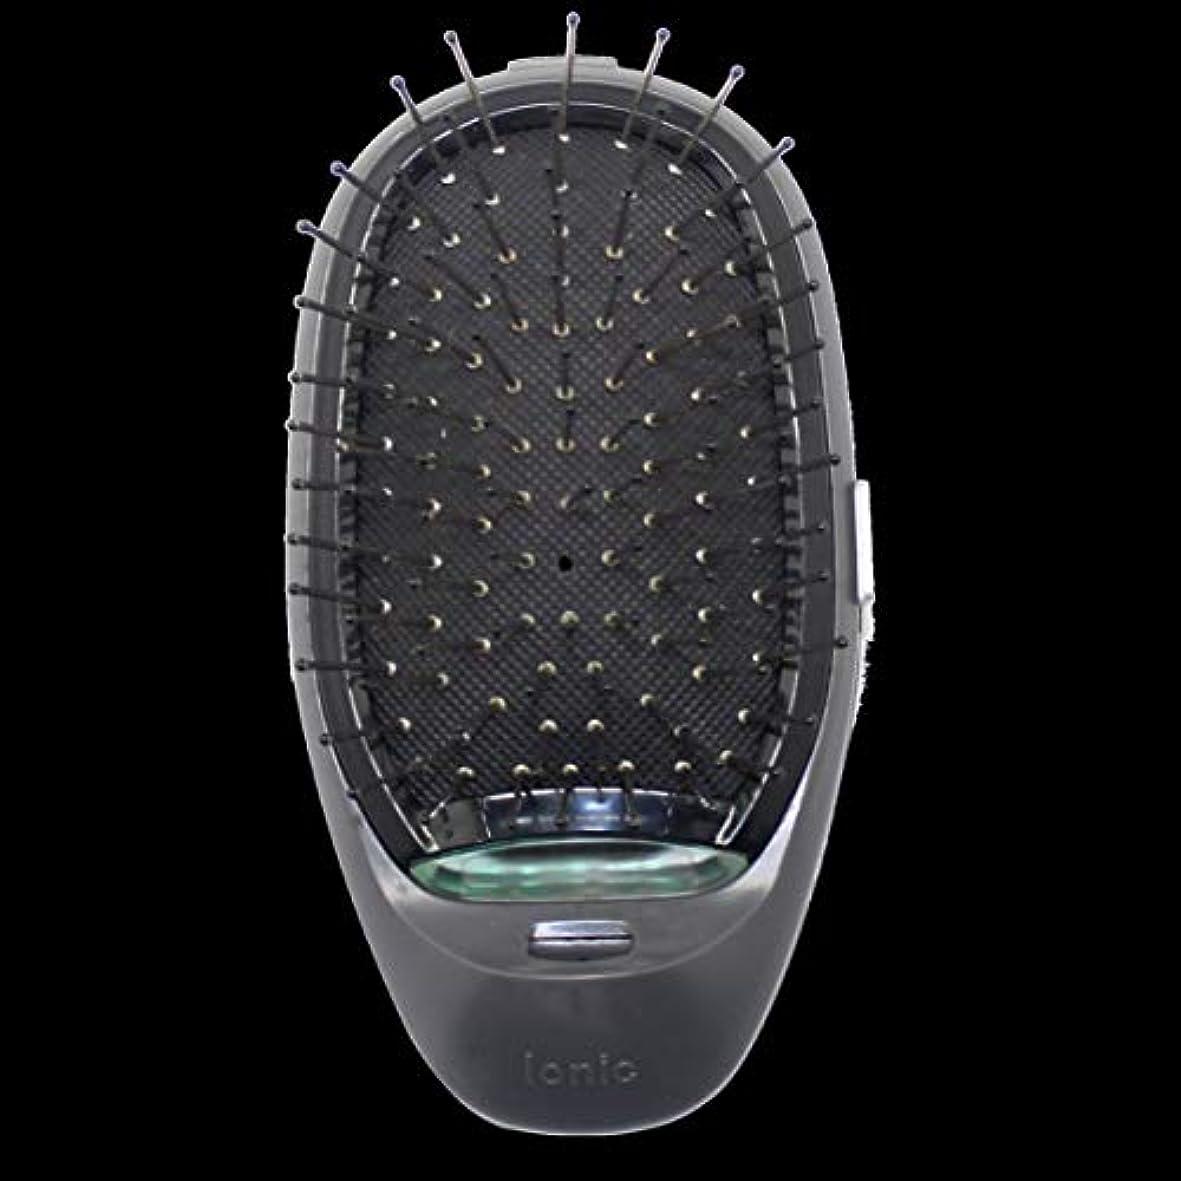 山積みの粗い支払い電動マッサージヘアブラシミニマイナスイオンヘアコム3Dインフレータブルコーム帯電防止ガールズヘアブラシ電池式 - ブラック